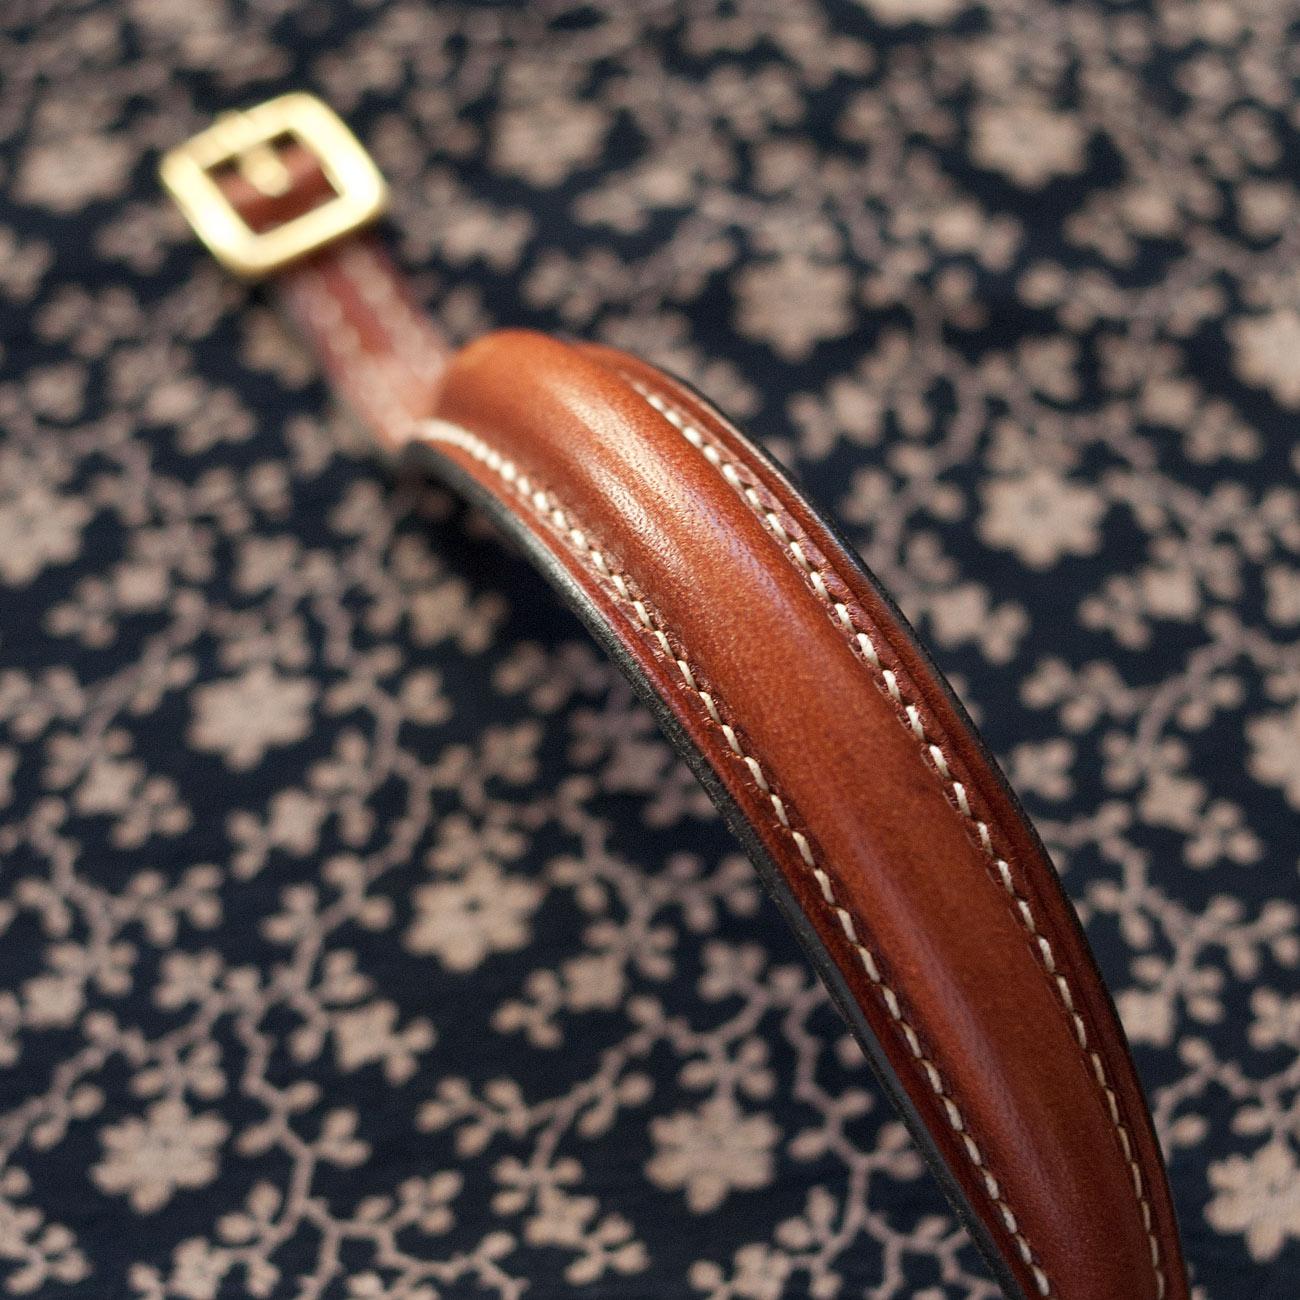 bracelet_02_img04_HD